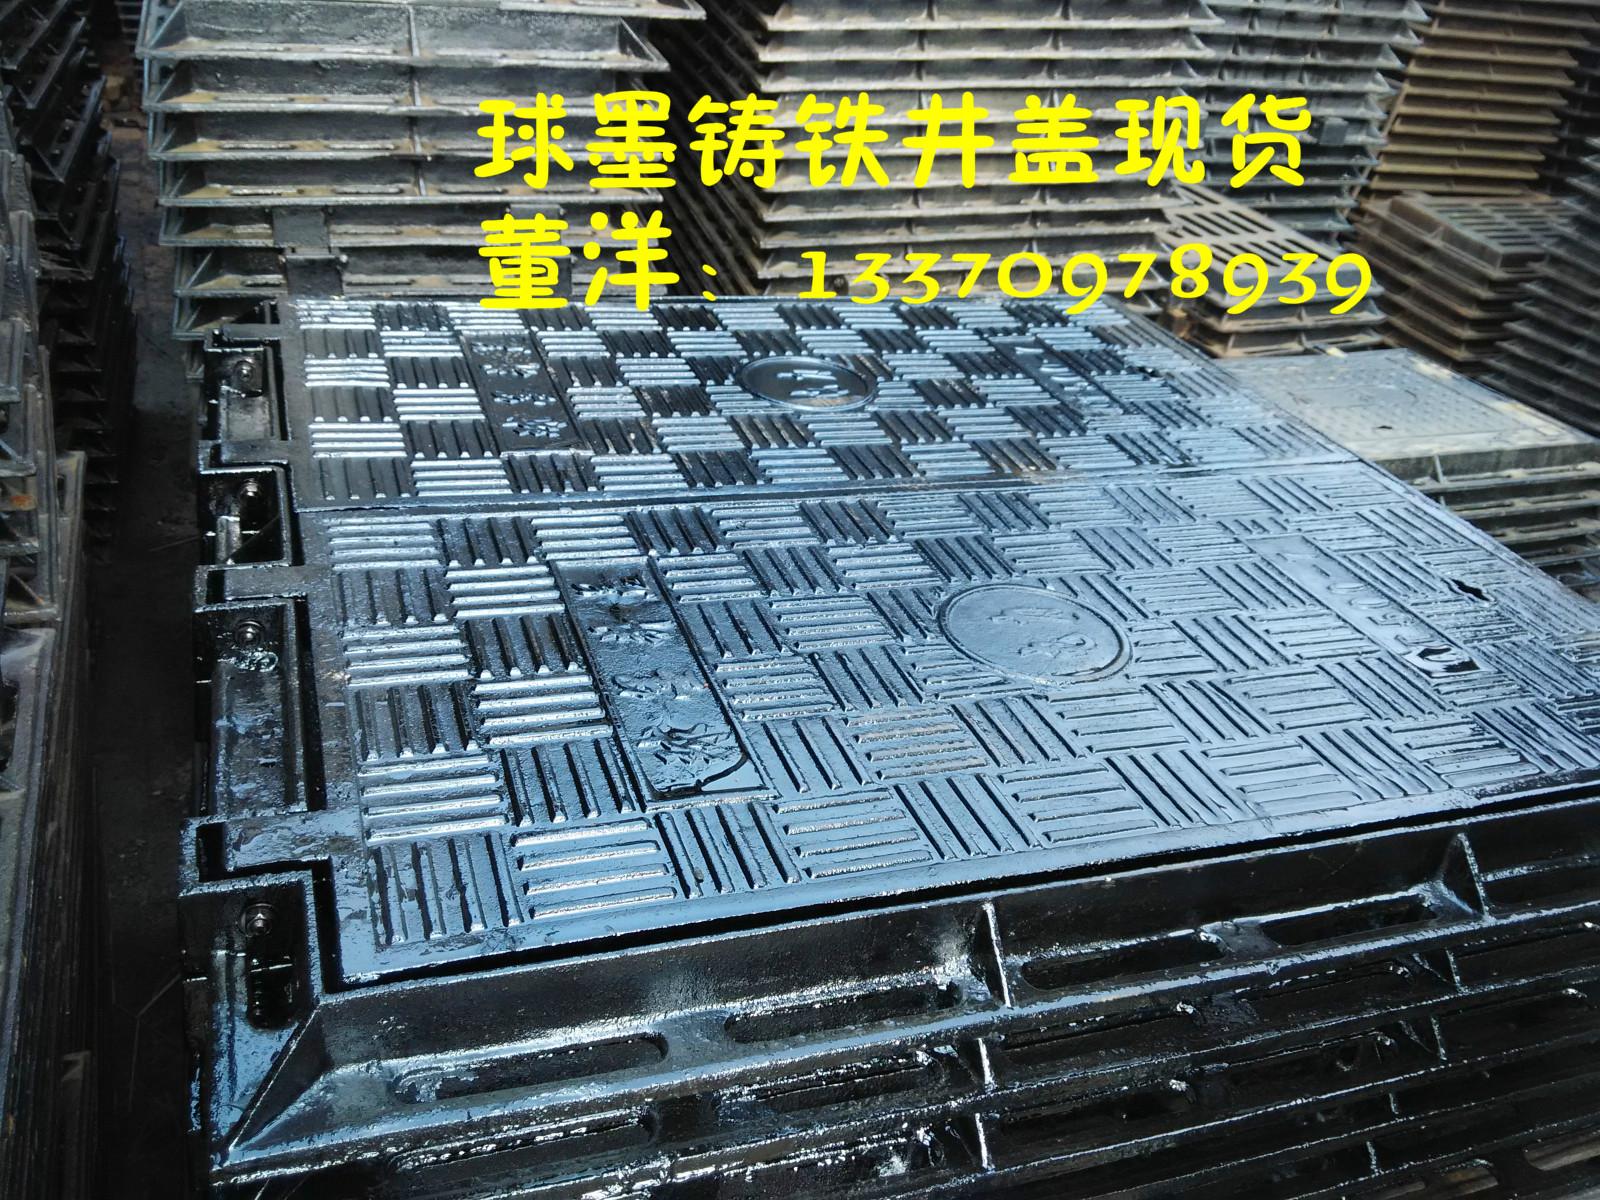 镇江400*600球墨铸铁雨水井盖井篦子,机制非标铸铁沟盖板厂家直销